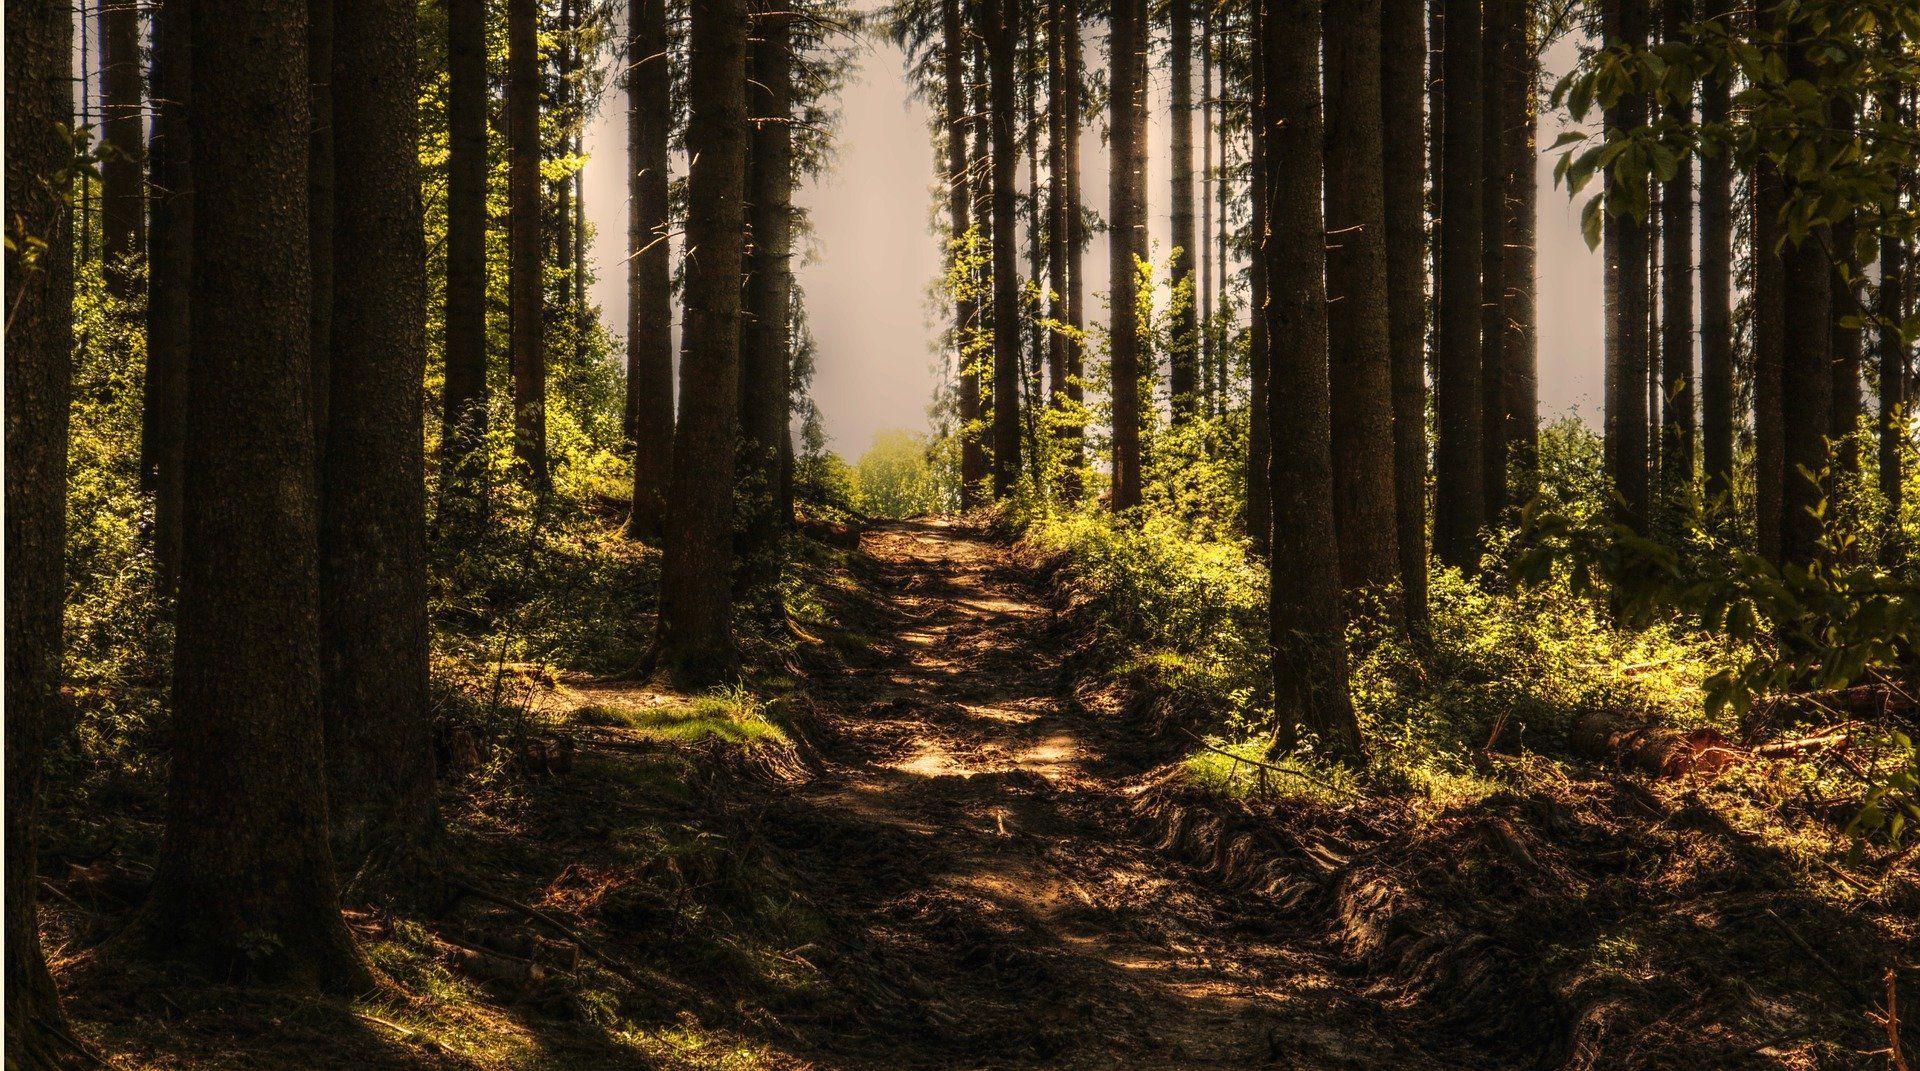 Ein Waldweg umgeben von Bäumen.